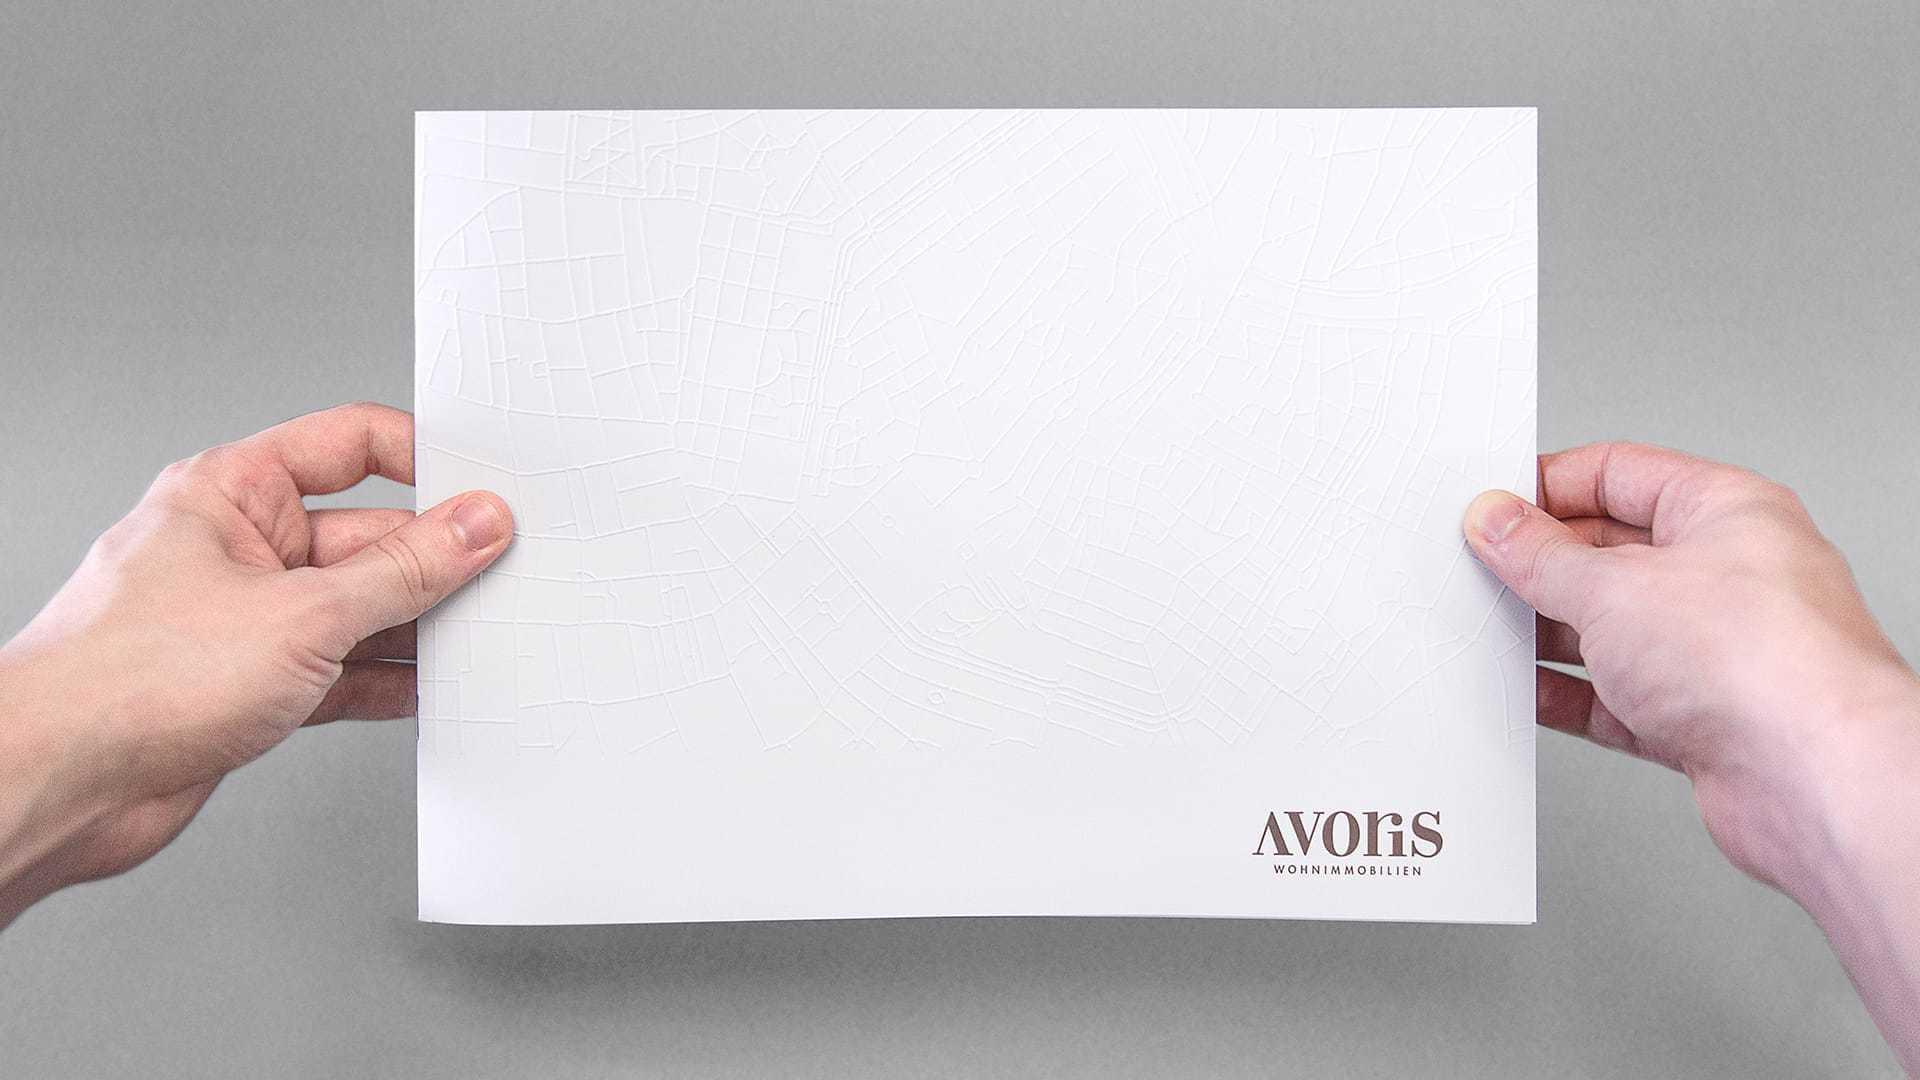 Ref Avoris Markenentwicklung 15